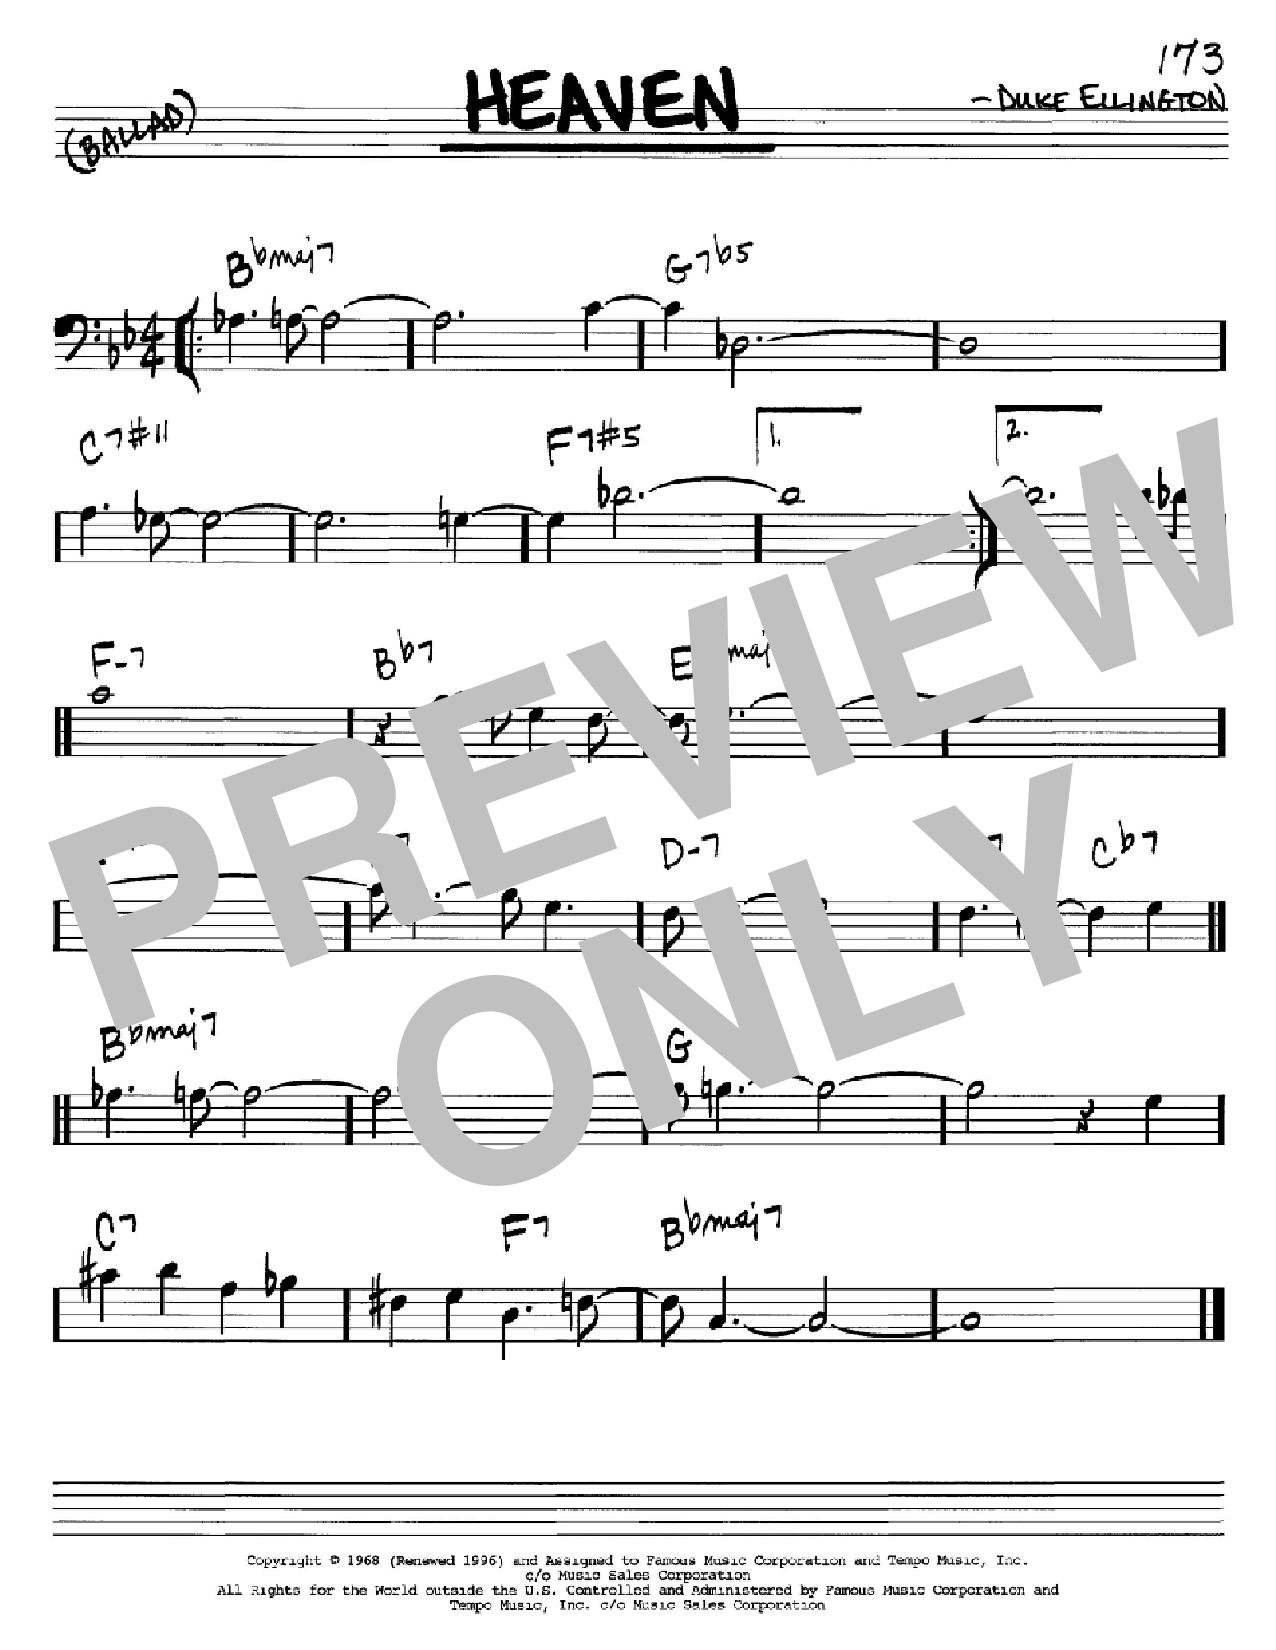 Partition autre Heaven de Duke Ellington - Real Book, Melodie et Accords, Inst. En cle de Fa